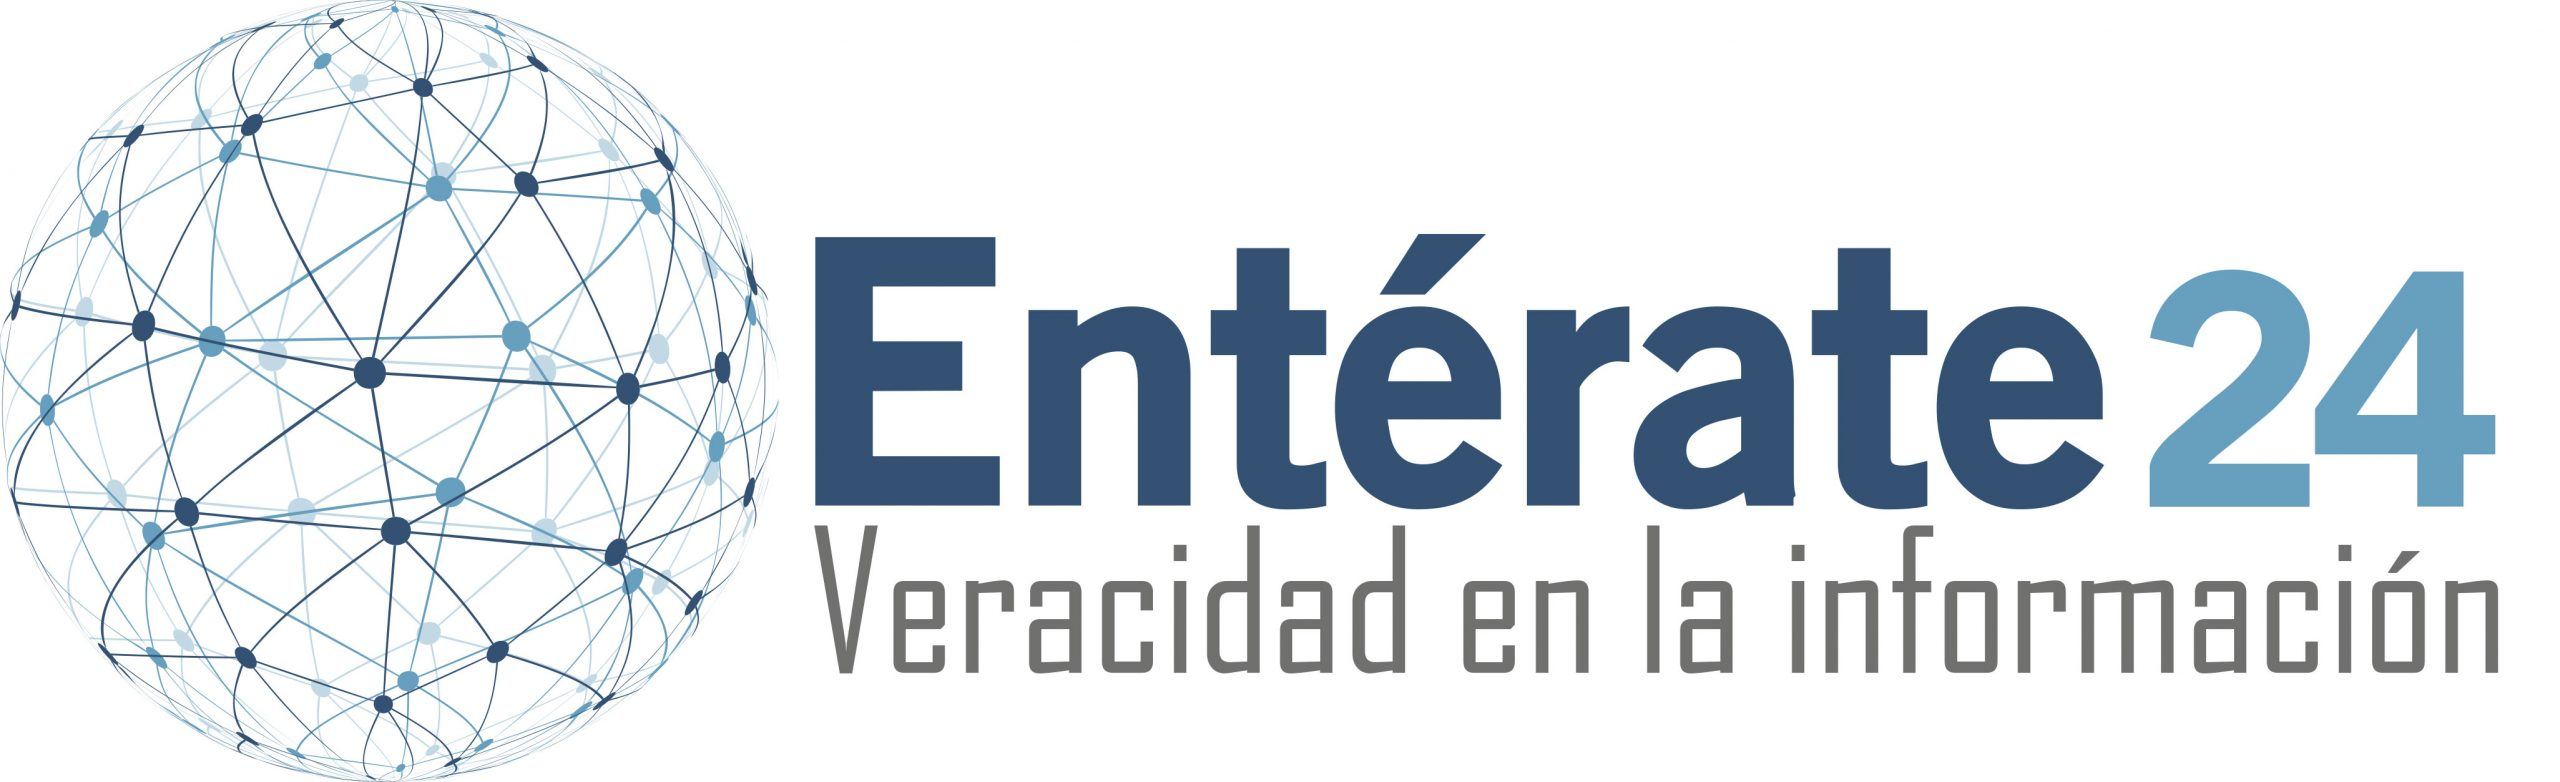 Enterate24.com